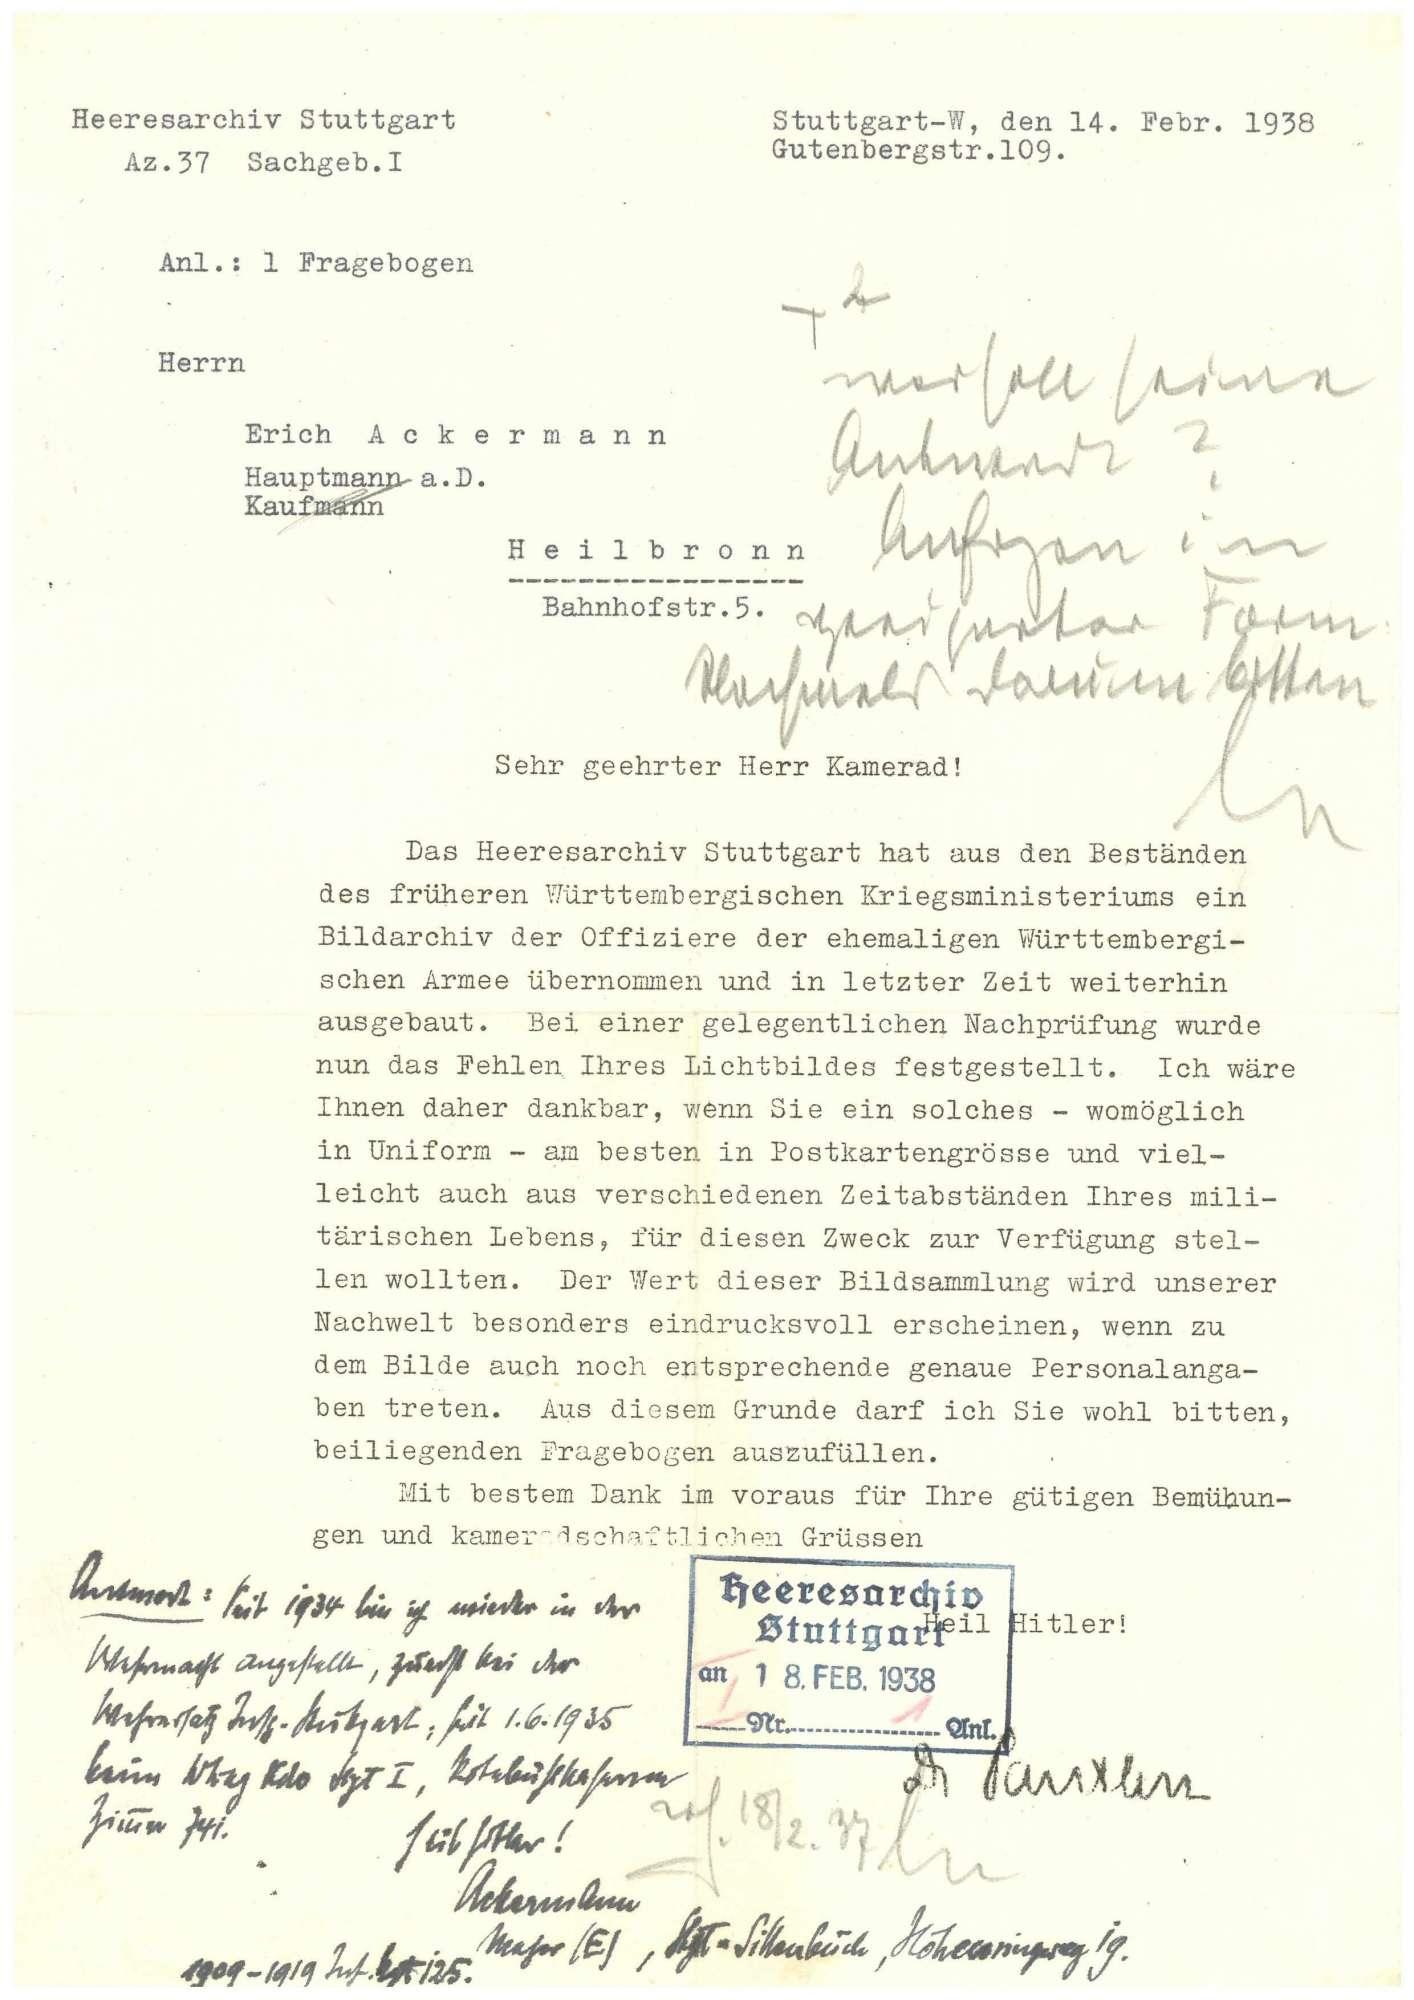 Ackermann, Erich, Bild 2